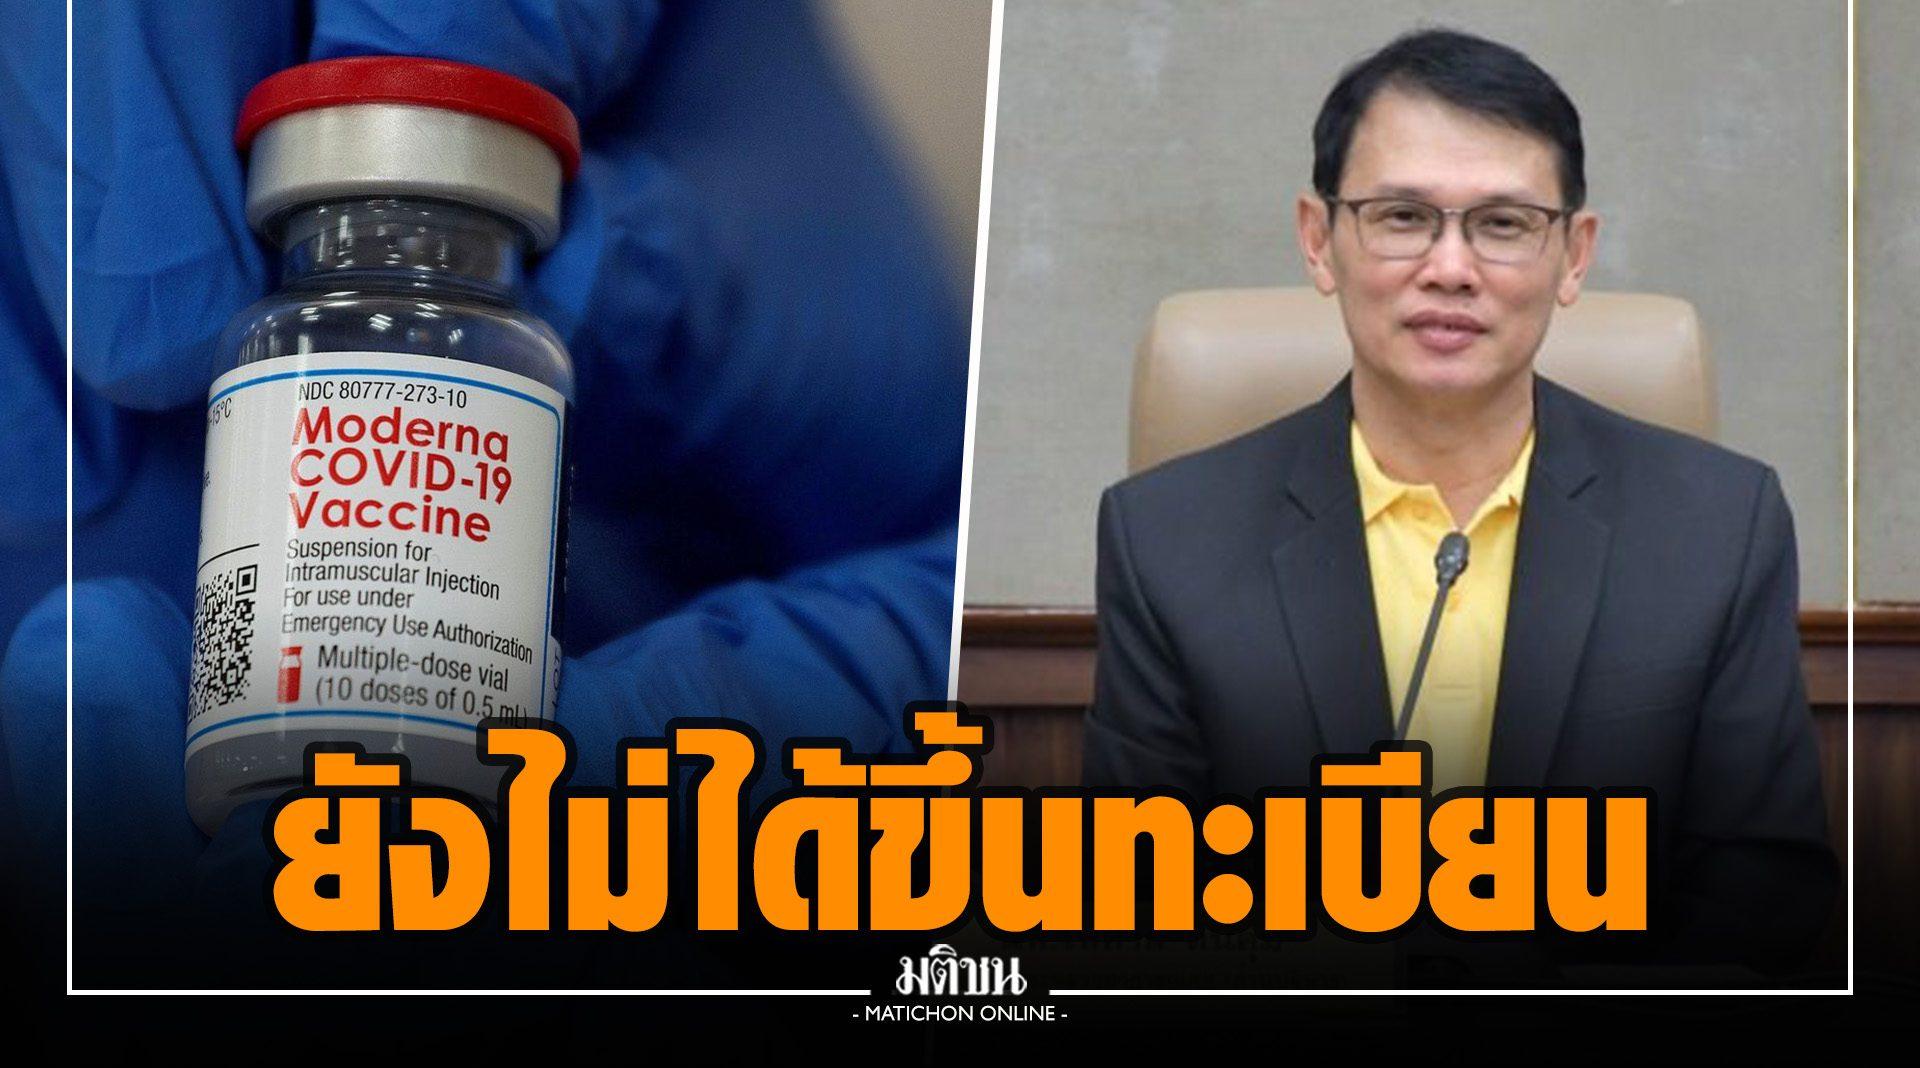 อย. ยัน วัคซีนโมเดอร์นา ยังไม่ได้ขึ้นทะเบียนในไทย คาดไม่เกิน พ.ค.